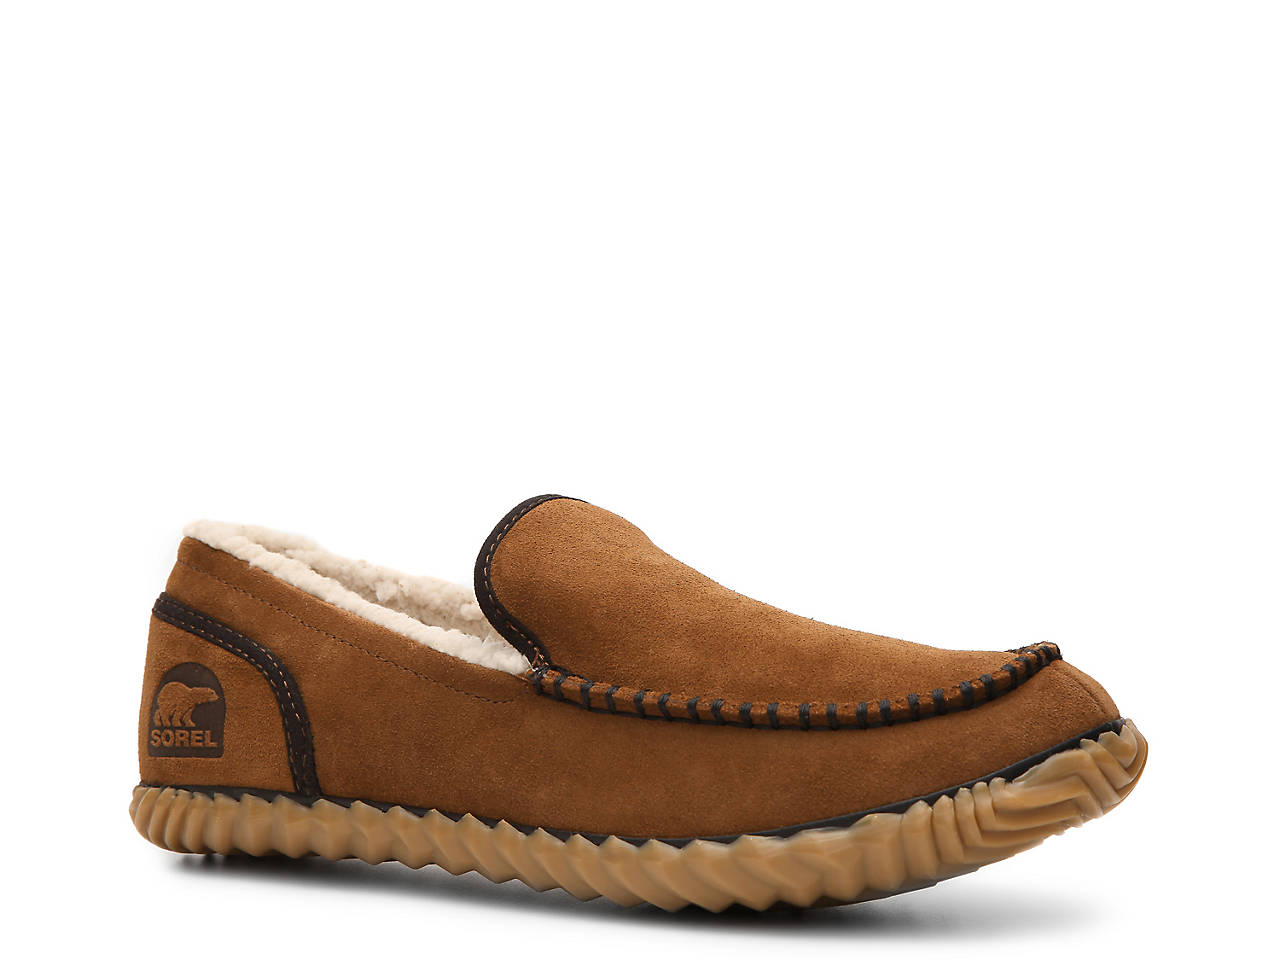 66eb824067d7 Sorel Dude Slipper Men s Shoes